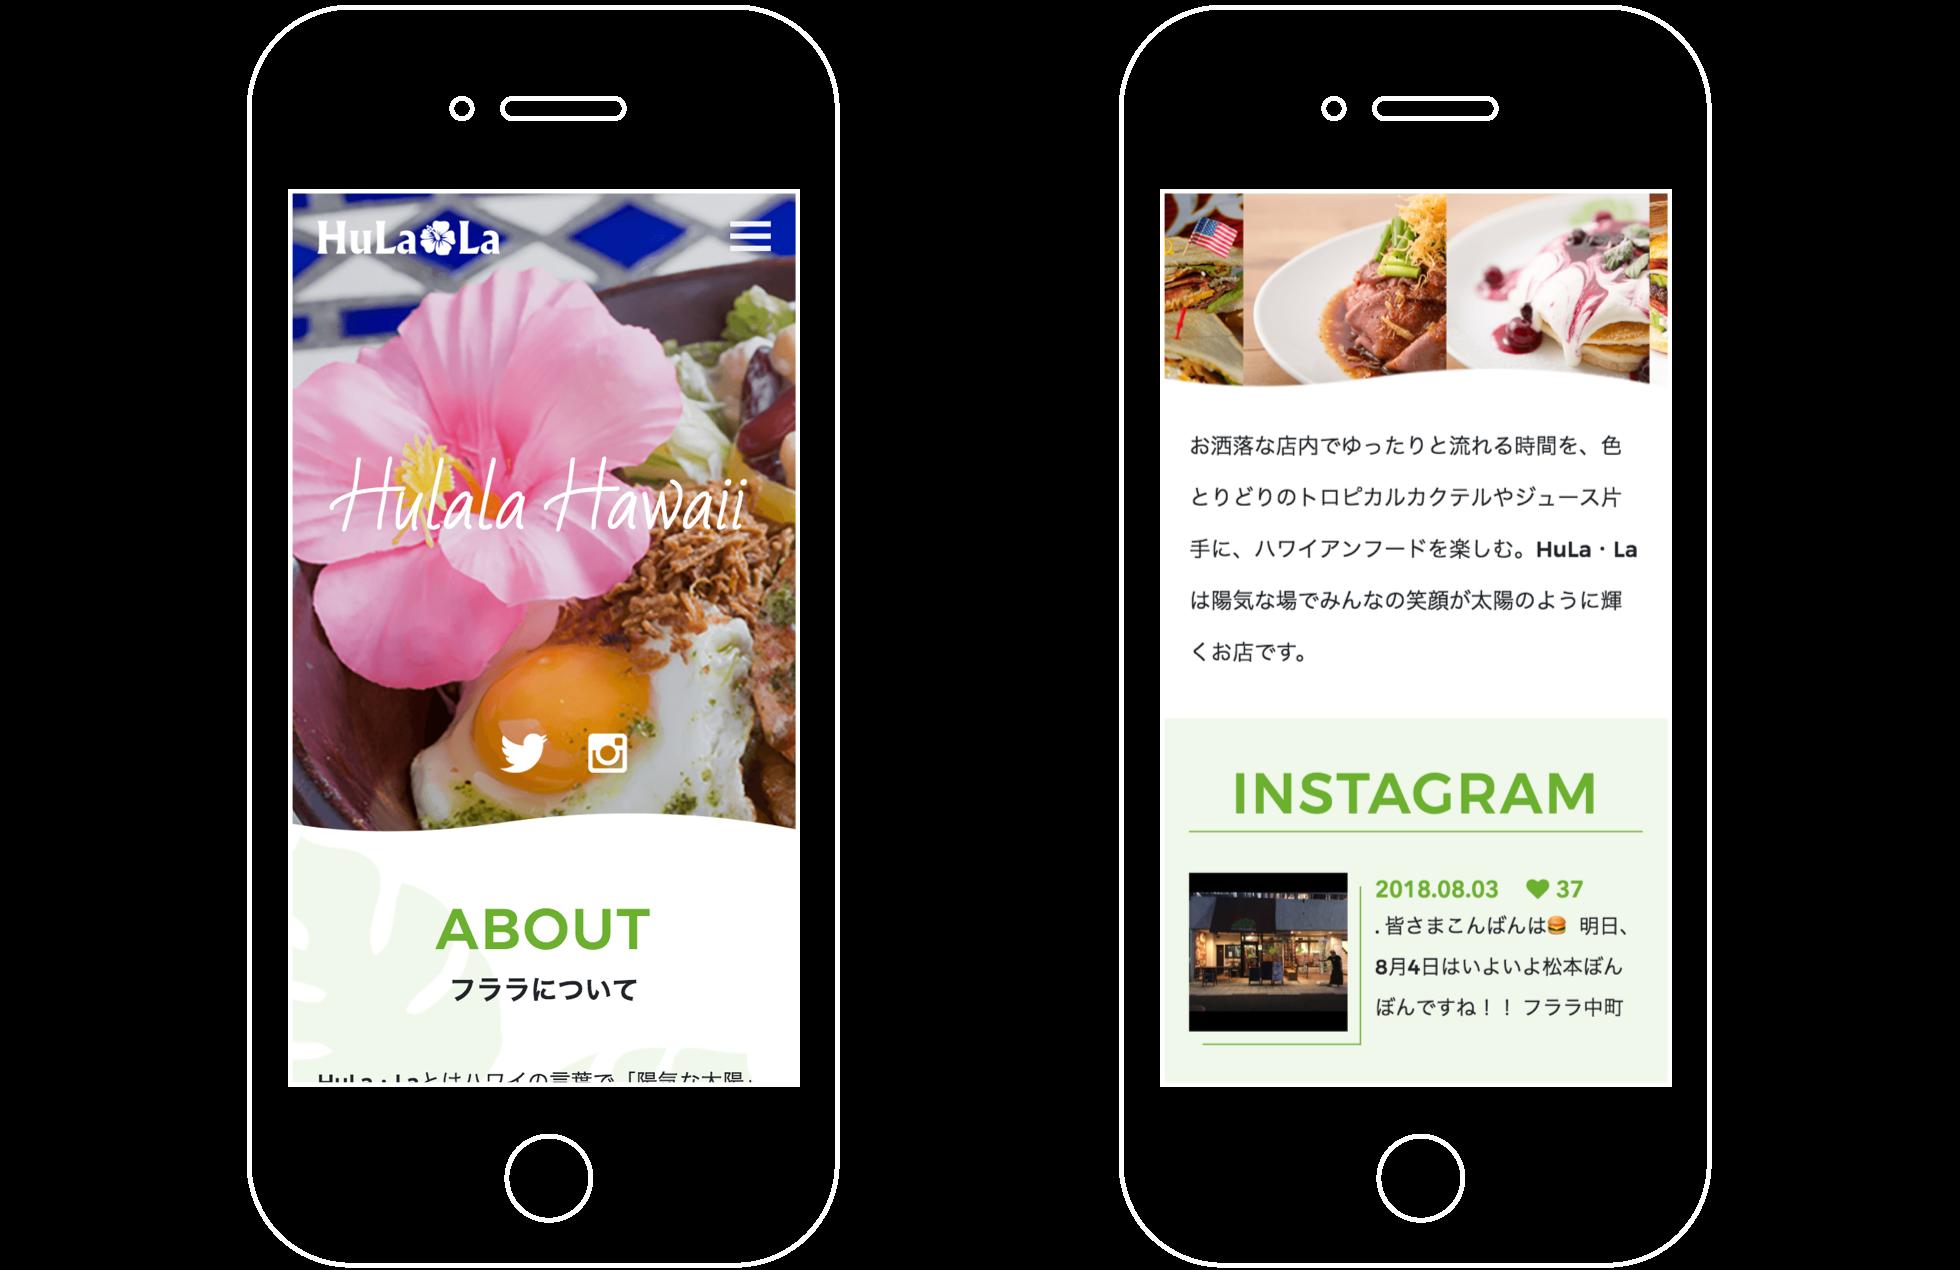 ハワイアンレストランのホームページのスマートフォン版のスクリーンショット